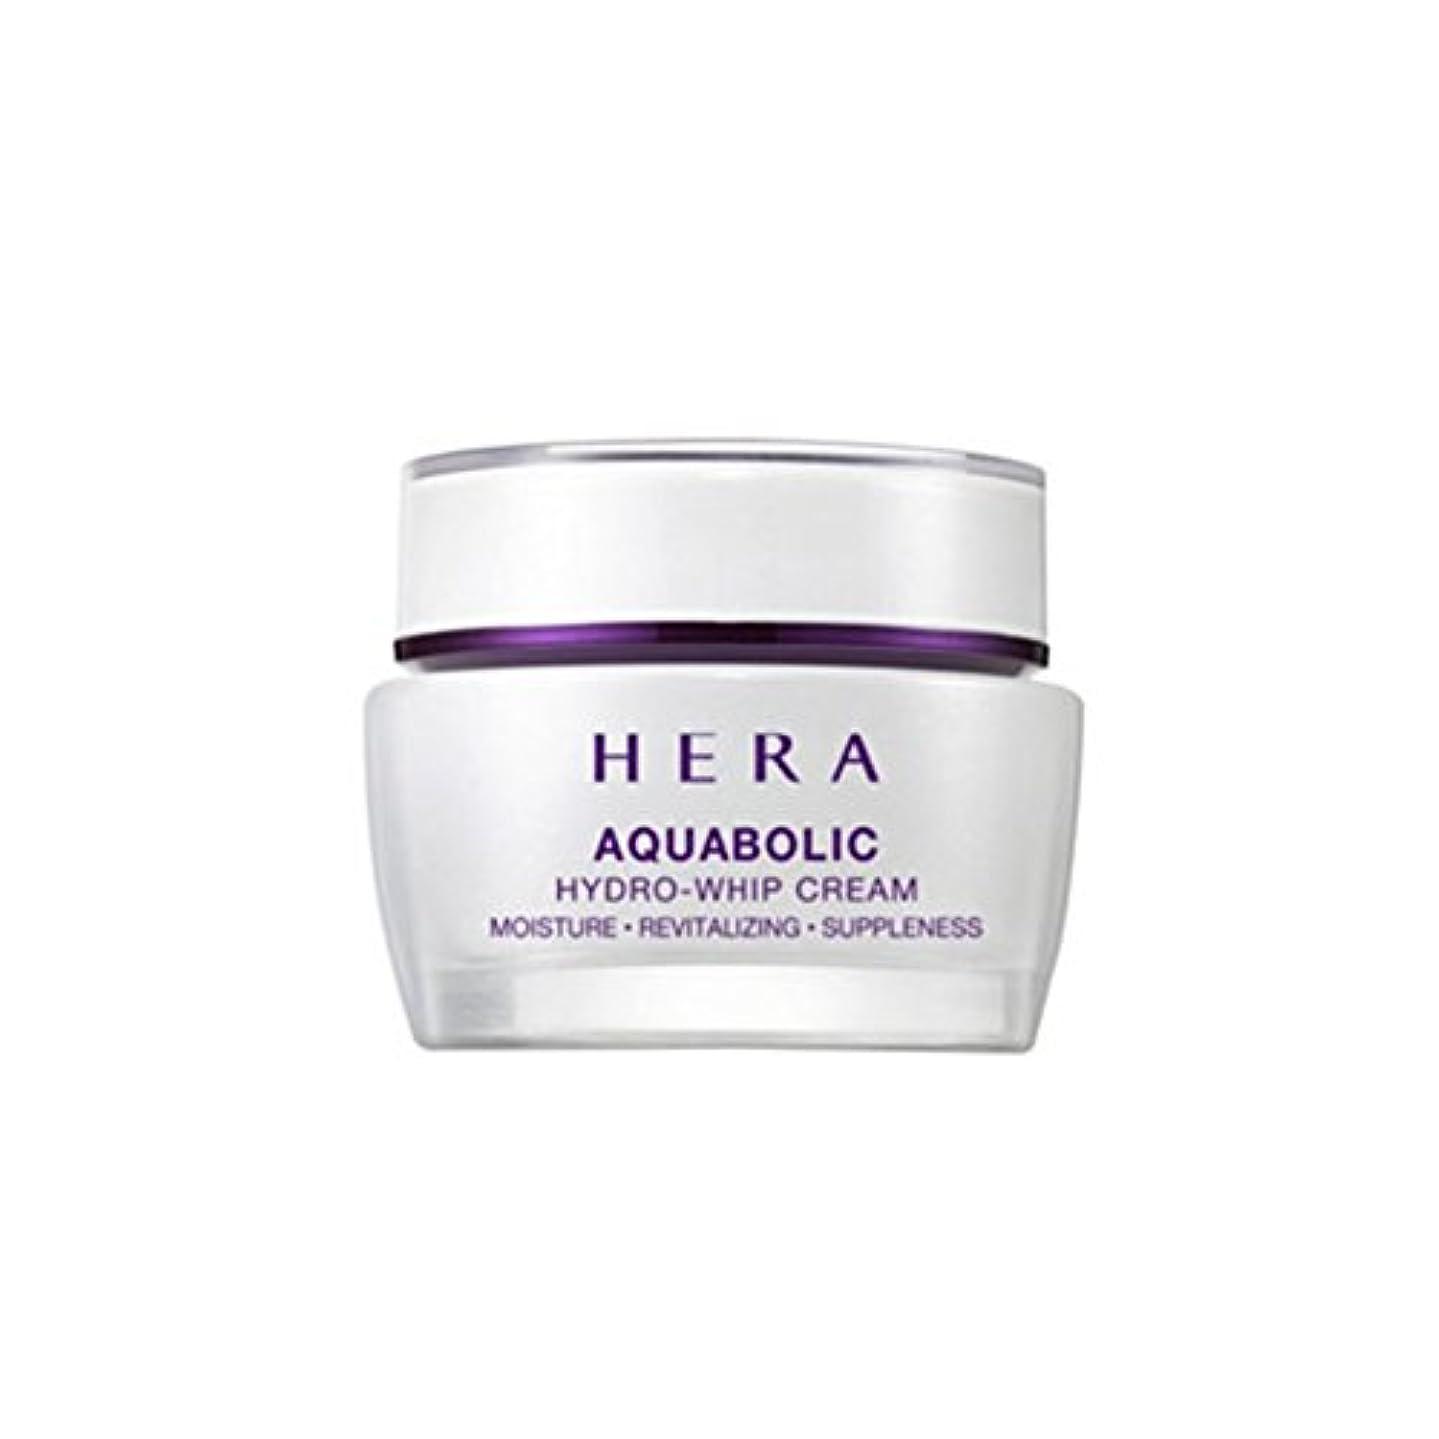 排泄するハグ命令(ヘラ) HERA Aquabolic Hydro-Whip Cream アクアボリックハイドロホイップ クリーム (韓国直発送) oopspanda